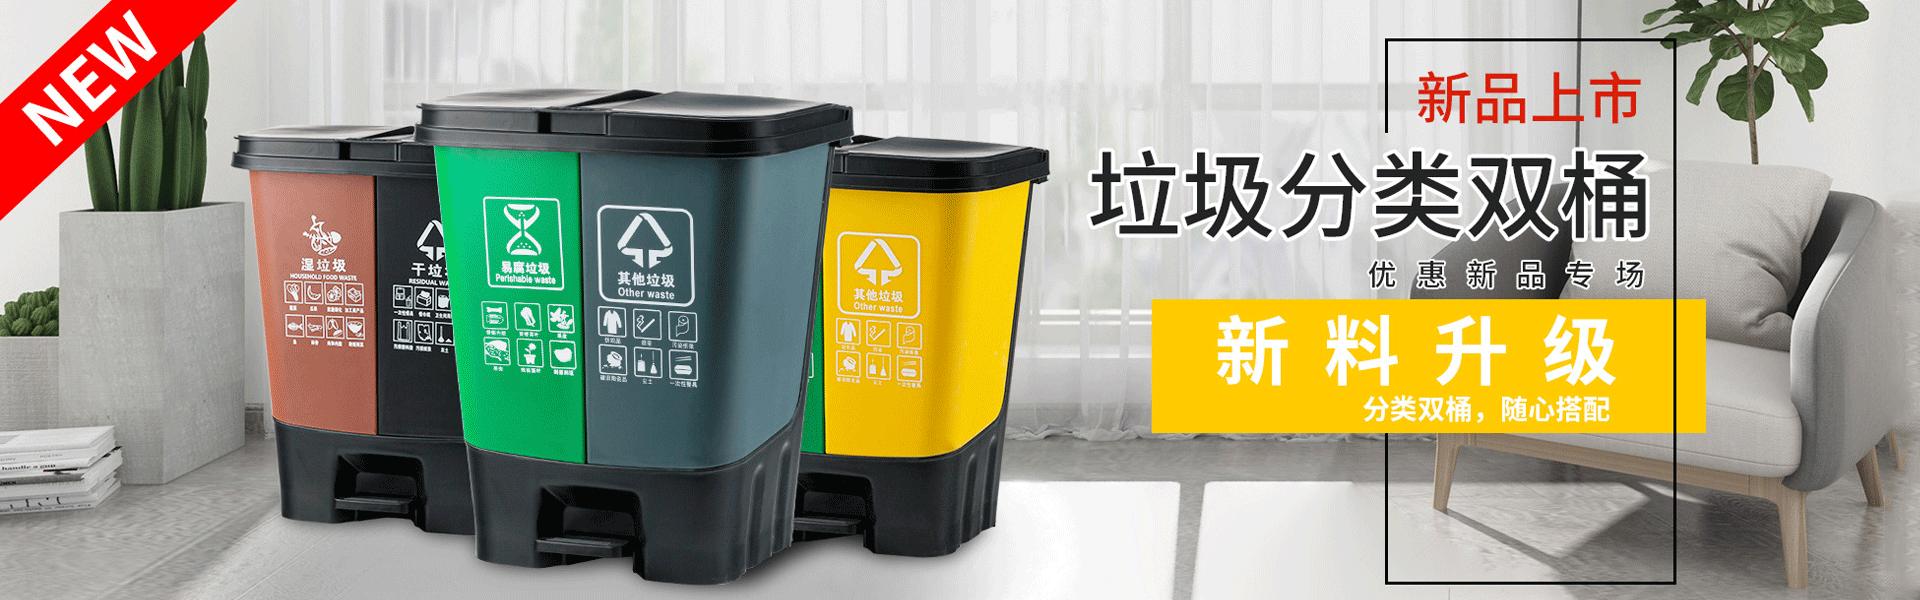 双分类垃圾桶